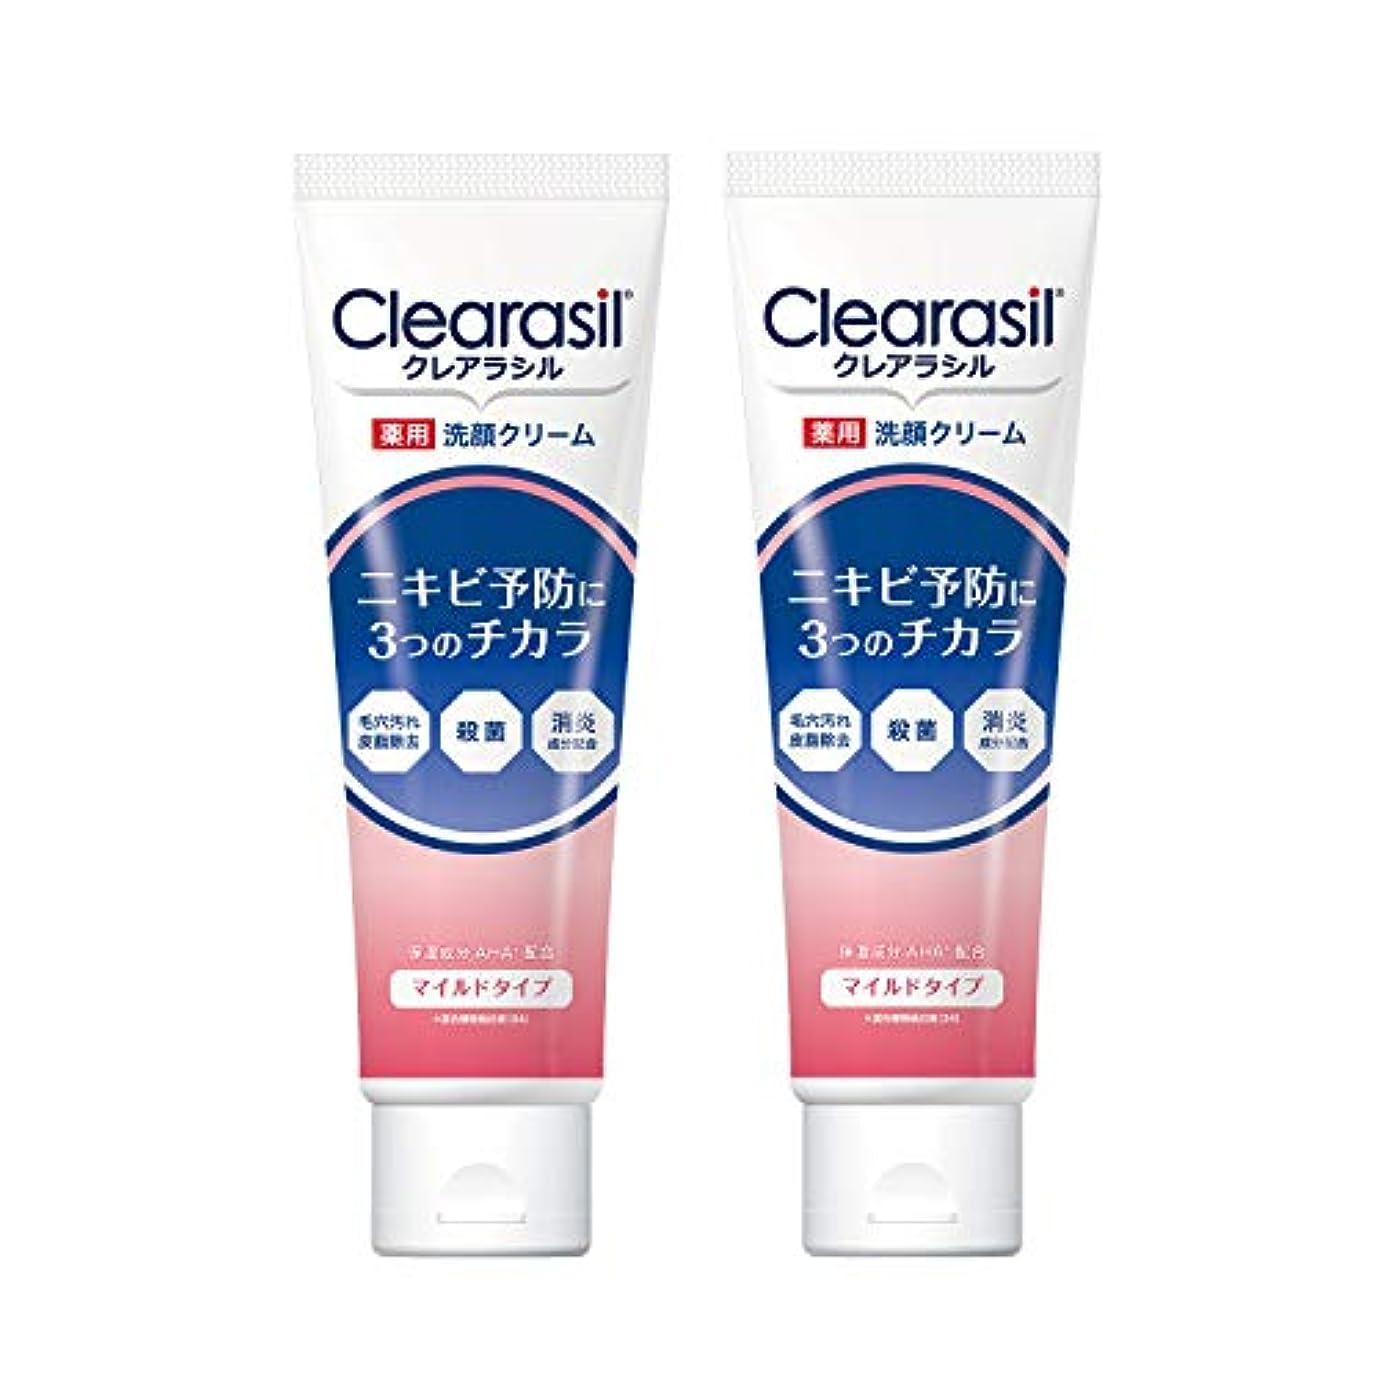 日付付きワーカー潤滑する【医薬部外品】クレアラシル薬用 洗顔クリーム マイルドタイプ 120g×2個